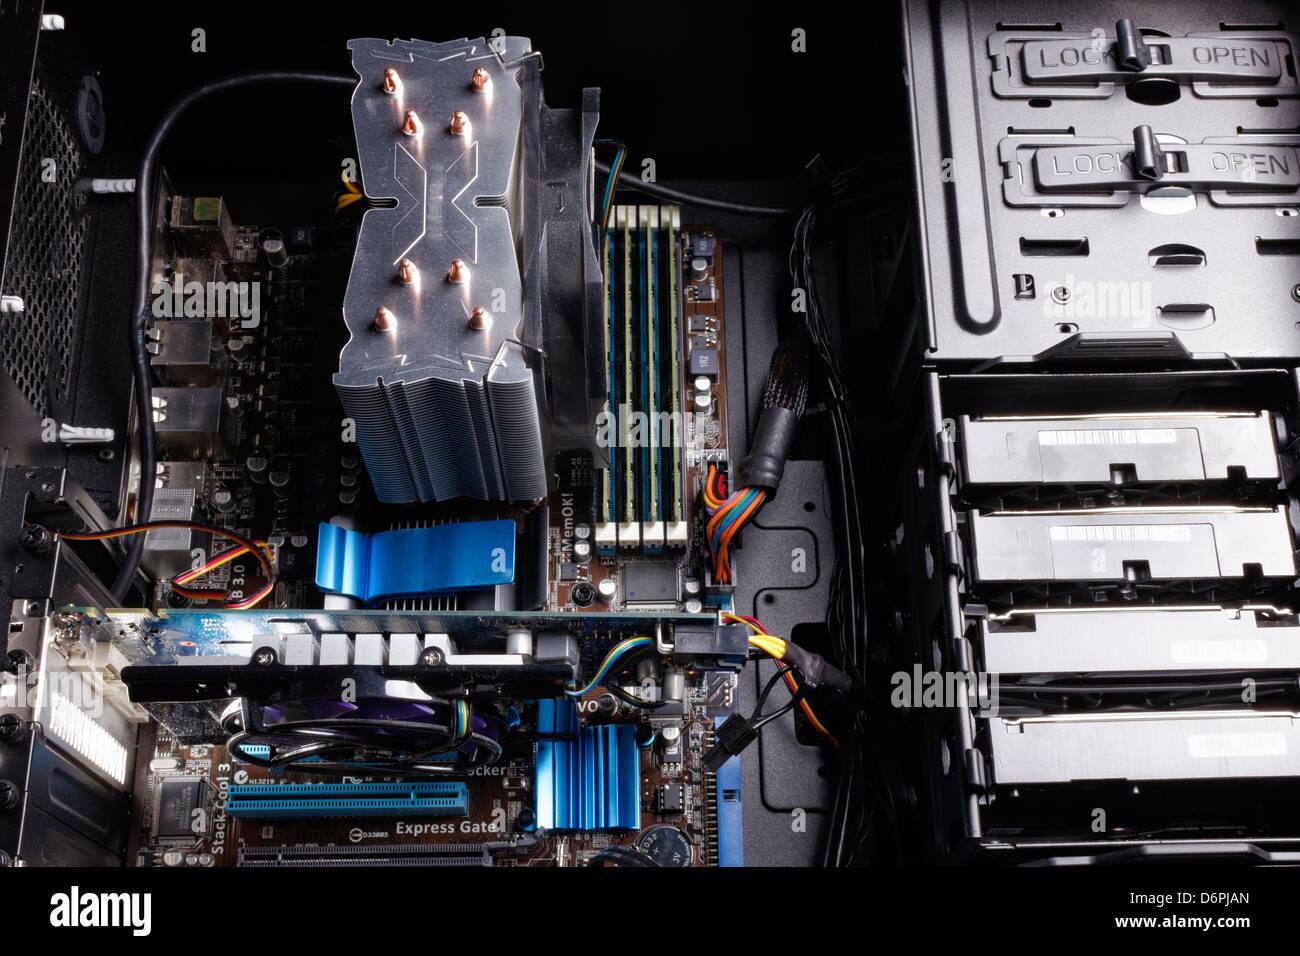 Desktop Computer With Cpu Stockfotos & Desktop Computer With Cpu ...